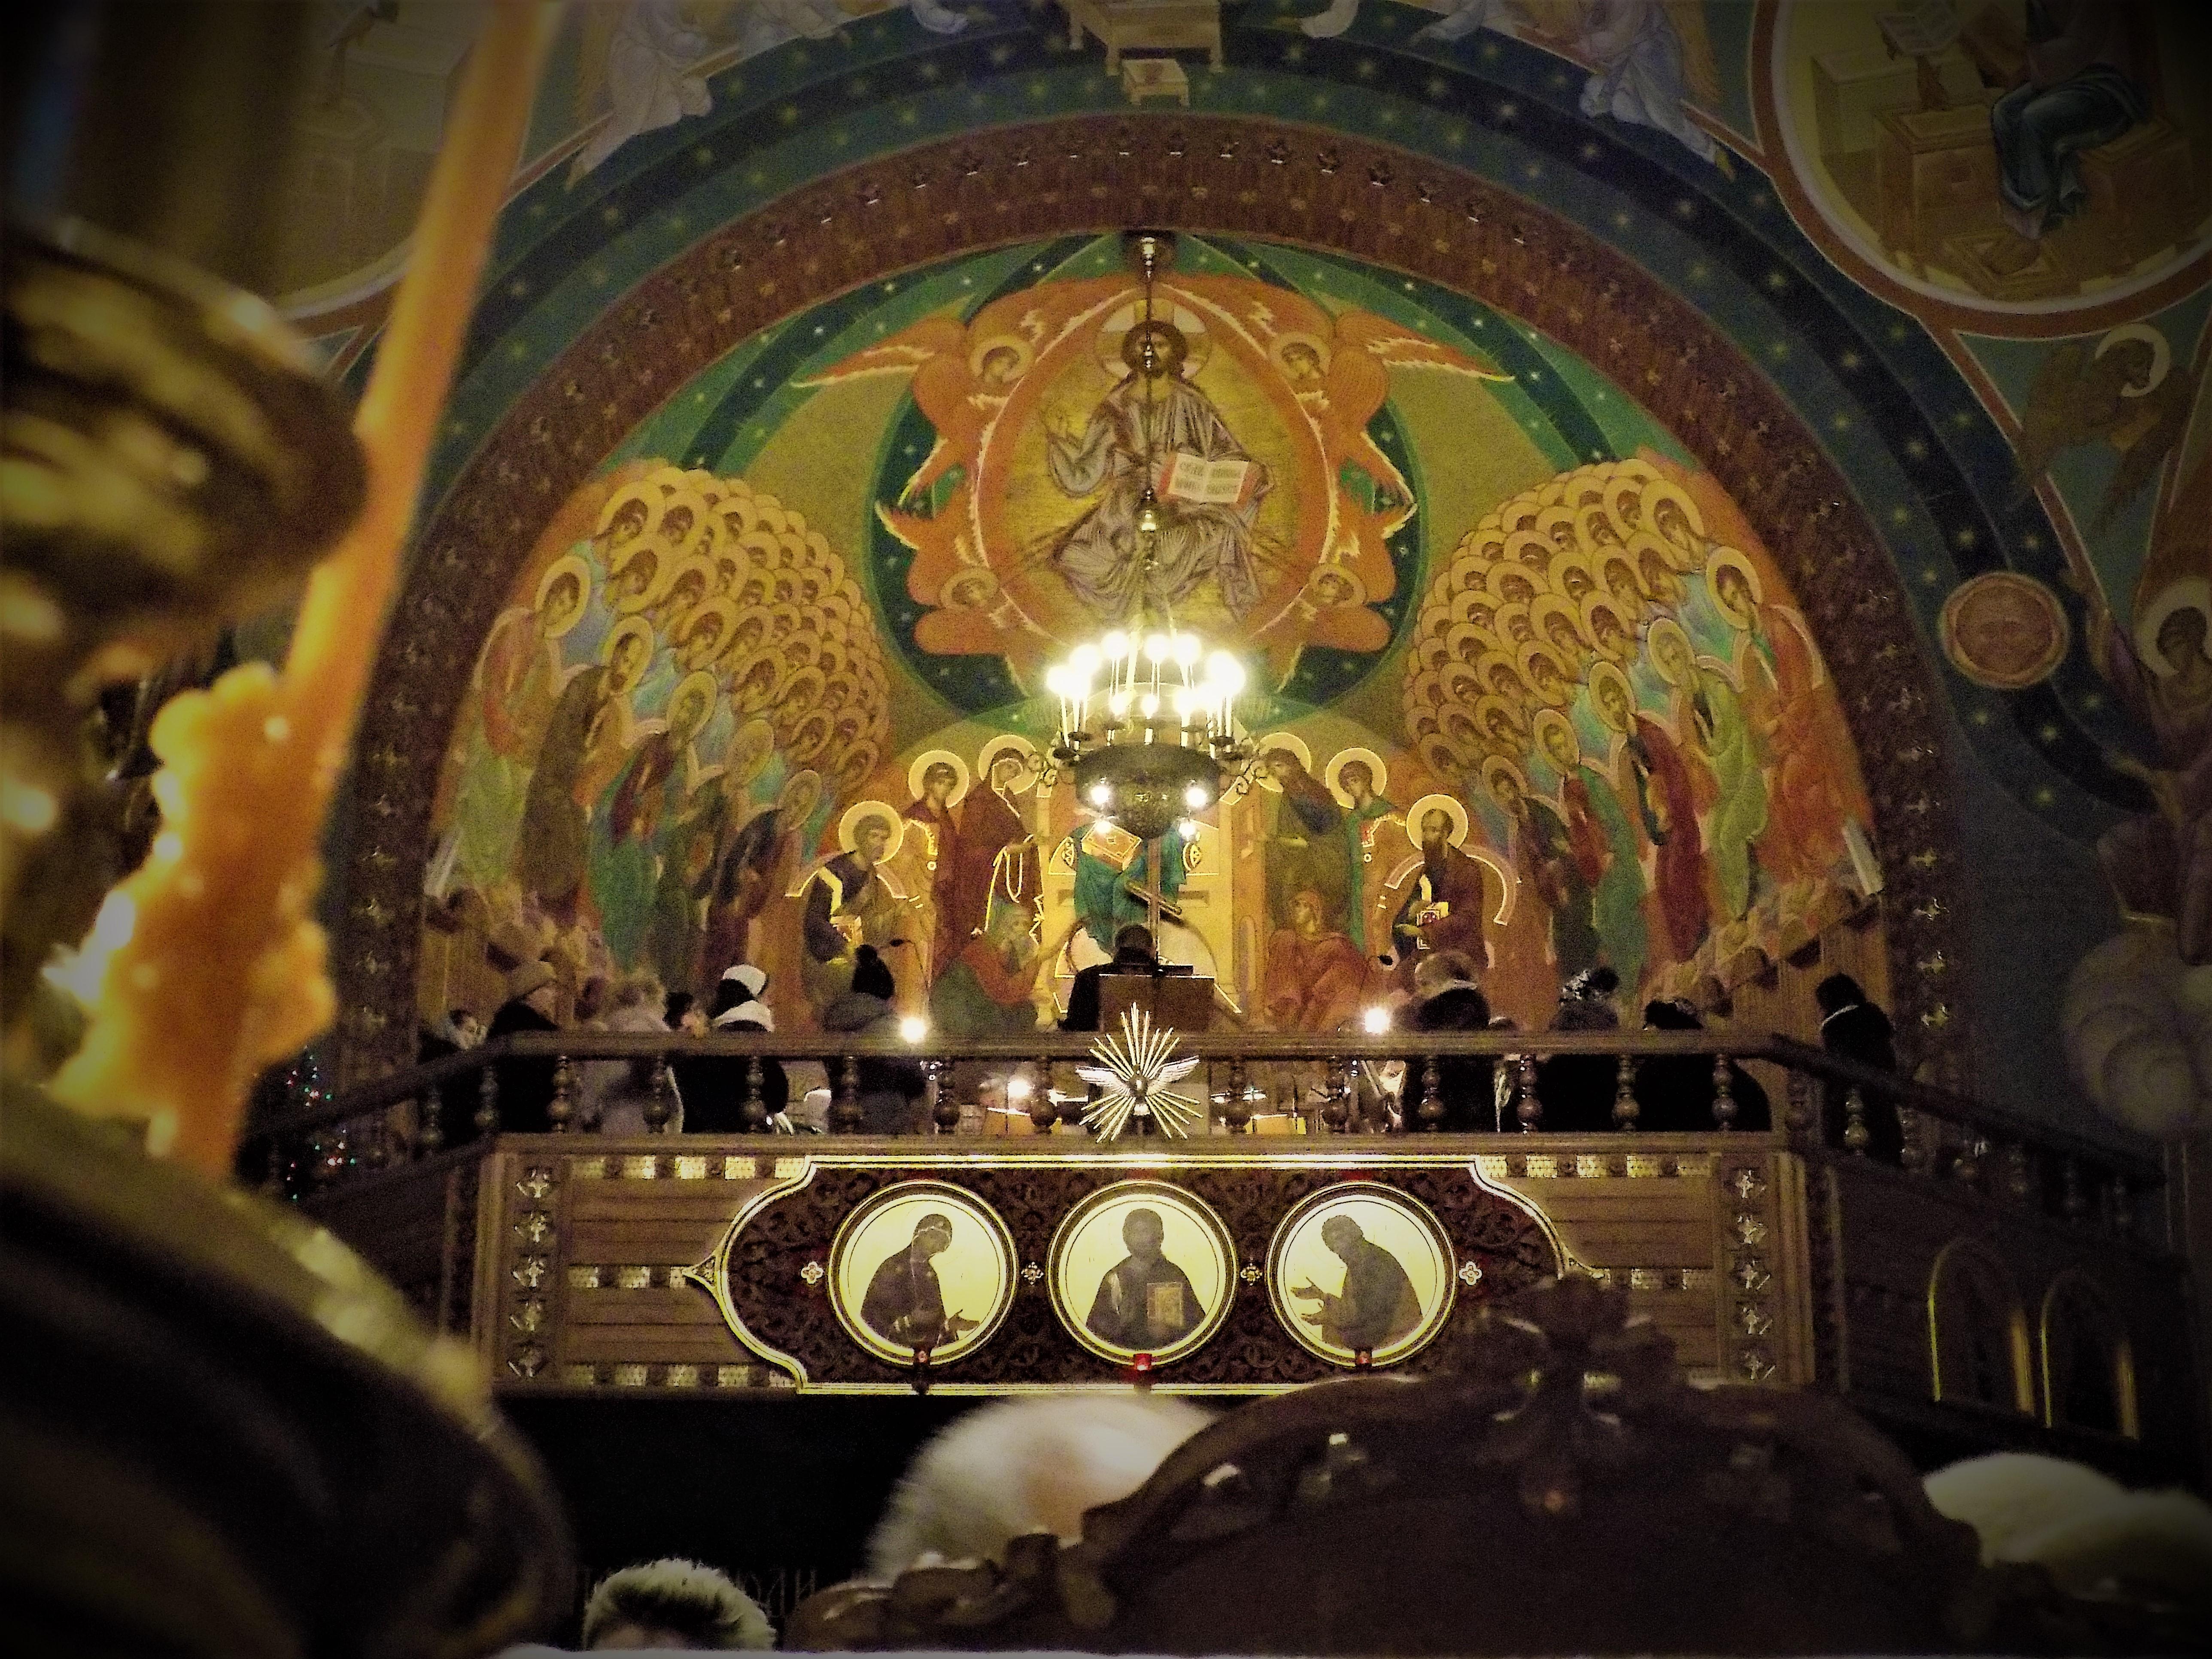 Nasza cerkiew w programie 'Poland in UNDISCOVERED'